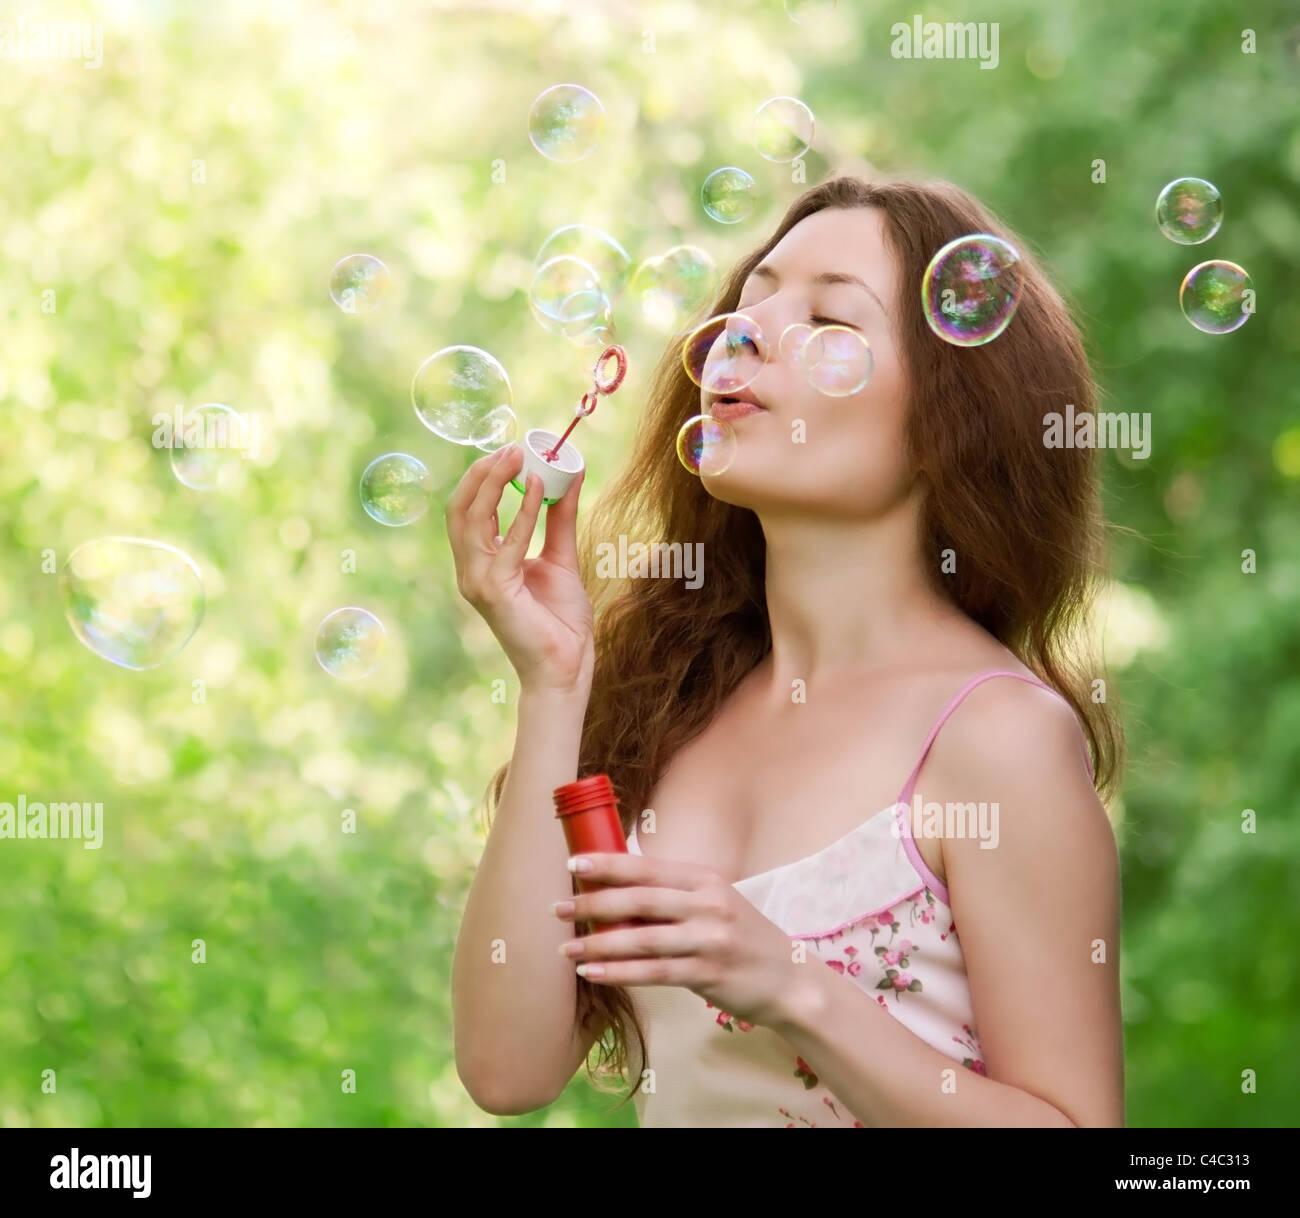 Junge schöne Mädchen bläst Seifenblasen im Park auf grünem Hintergrund Stockbild